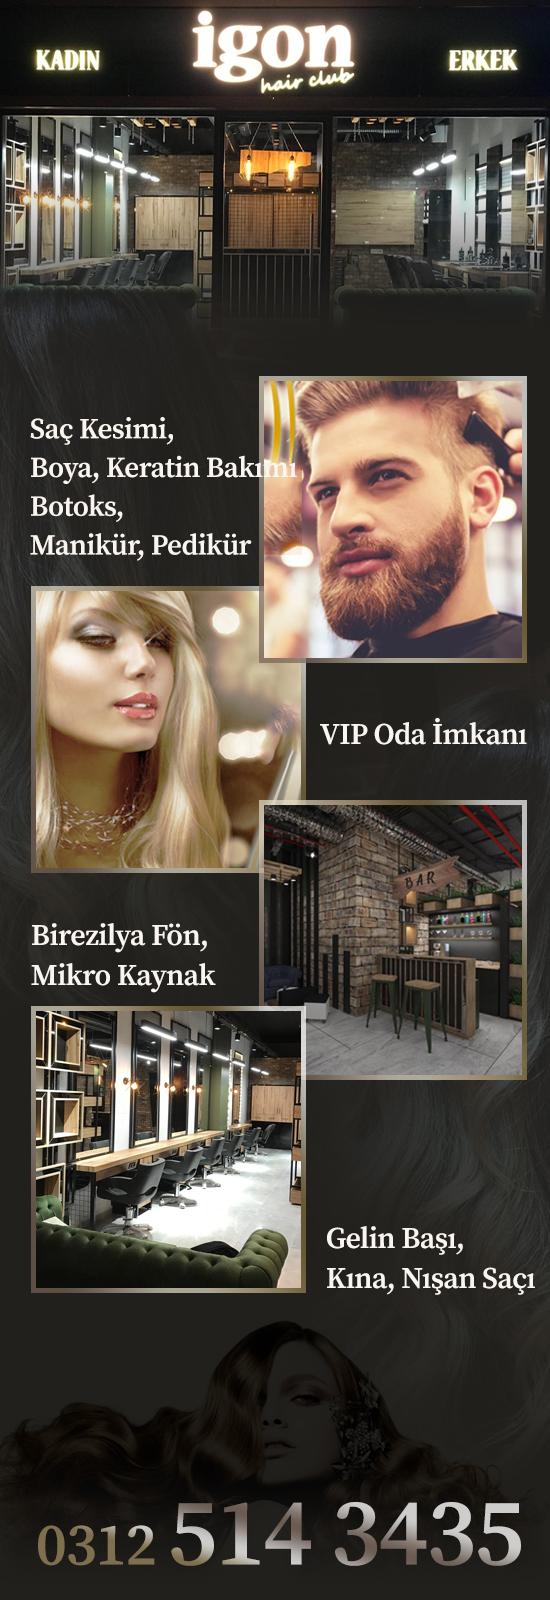 İGON HAİR CLUP, Kadın & Erkek Kuaför Salonu